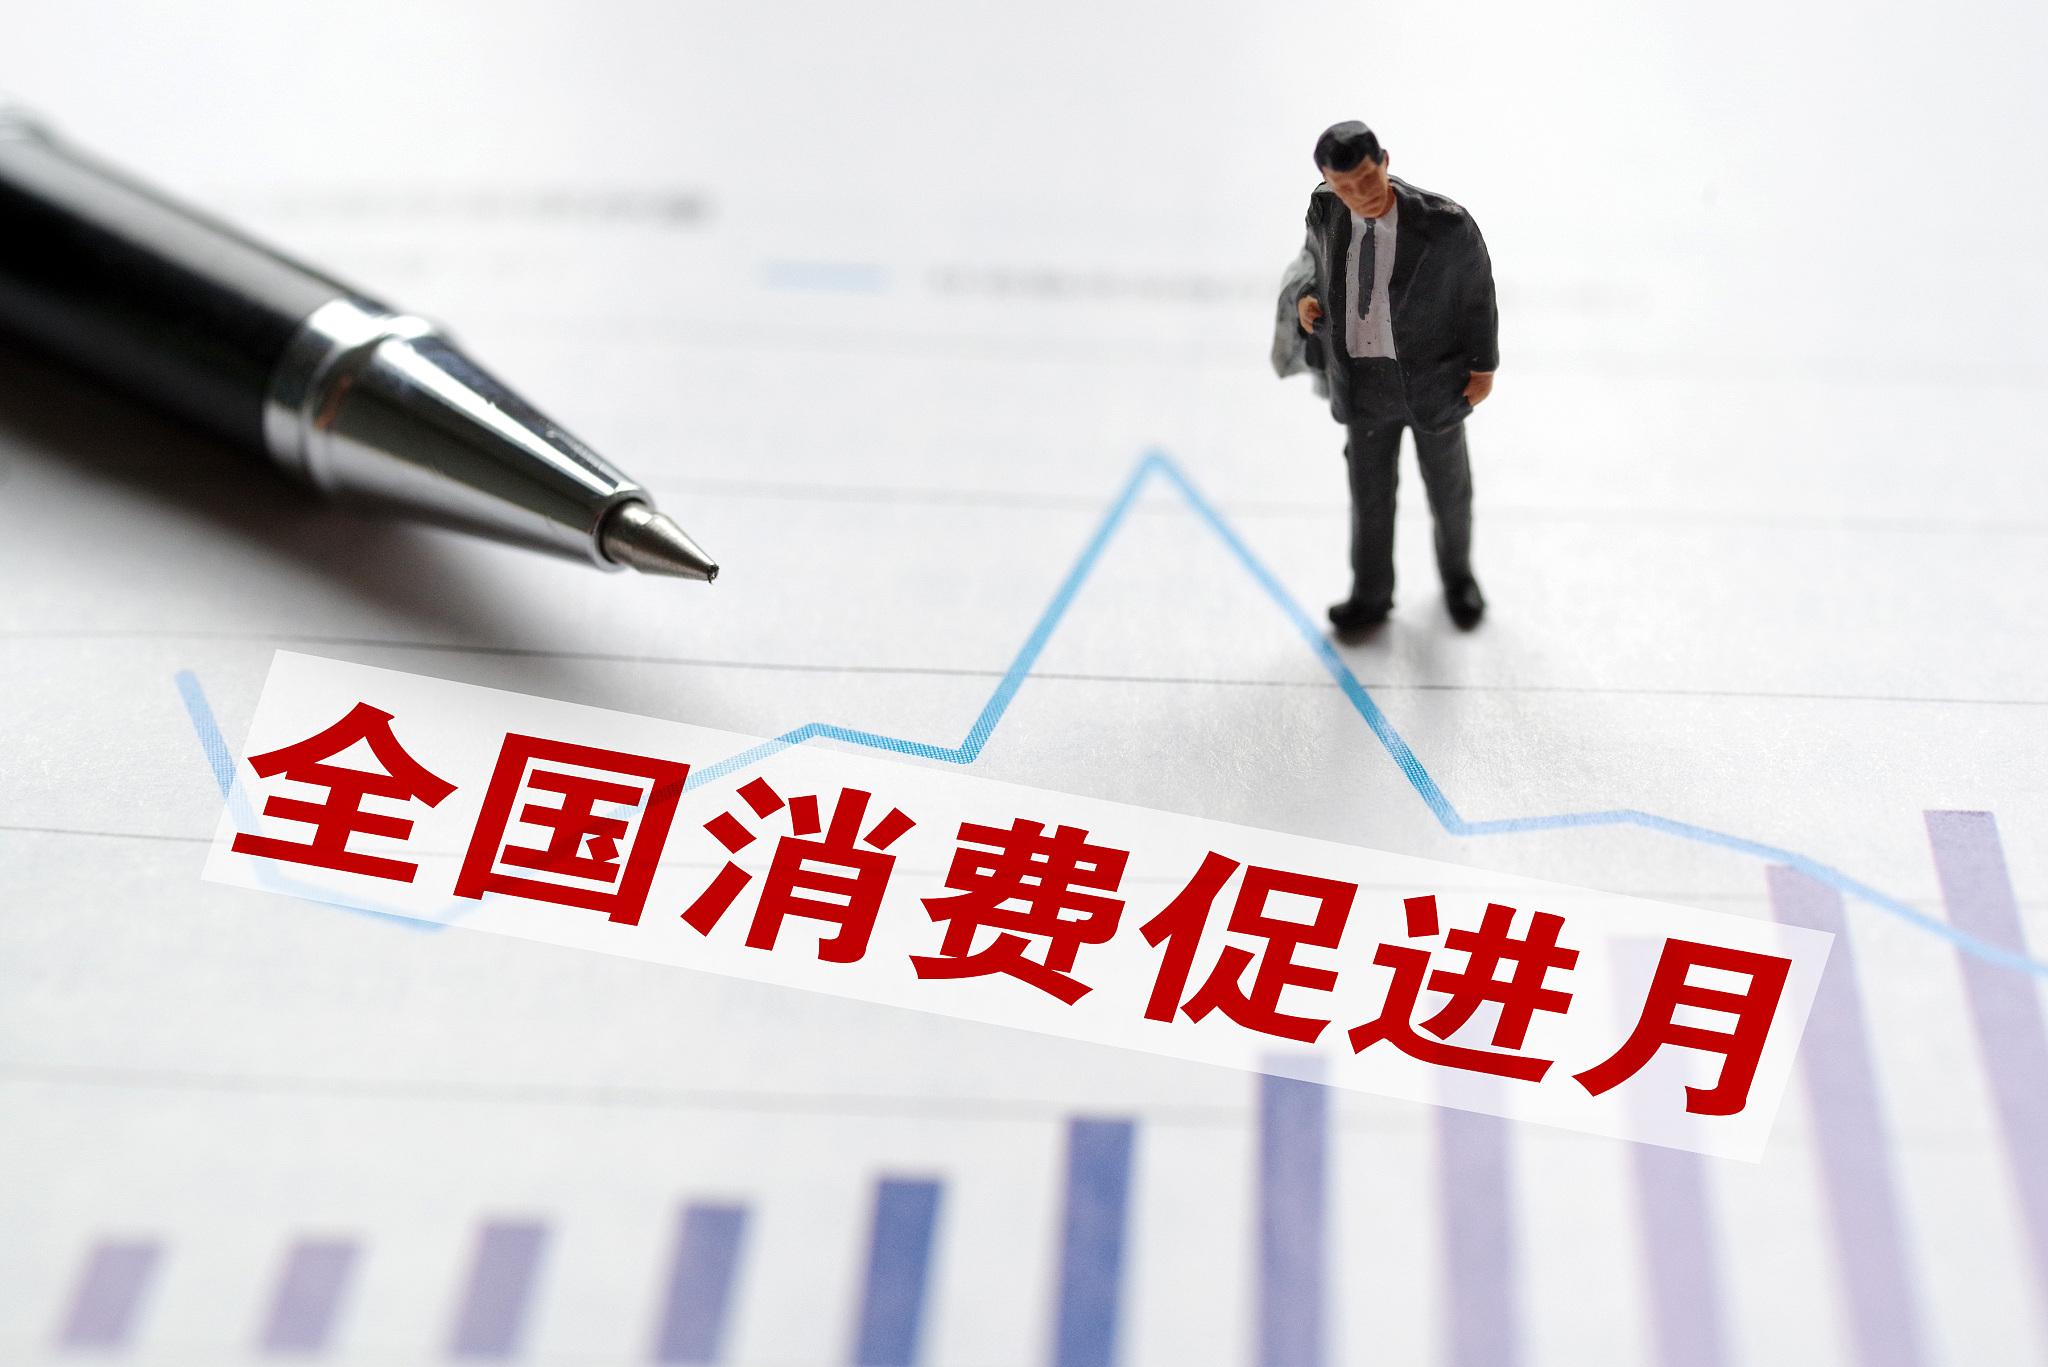 傲世皇朝平台商务部:消费促进月交易额4.82万亿元 同比增22.8%